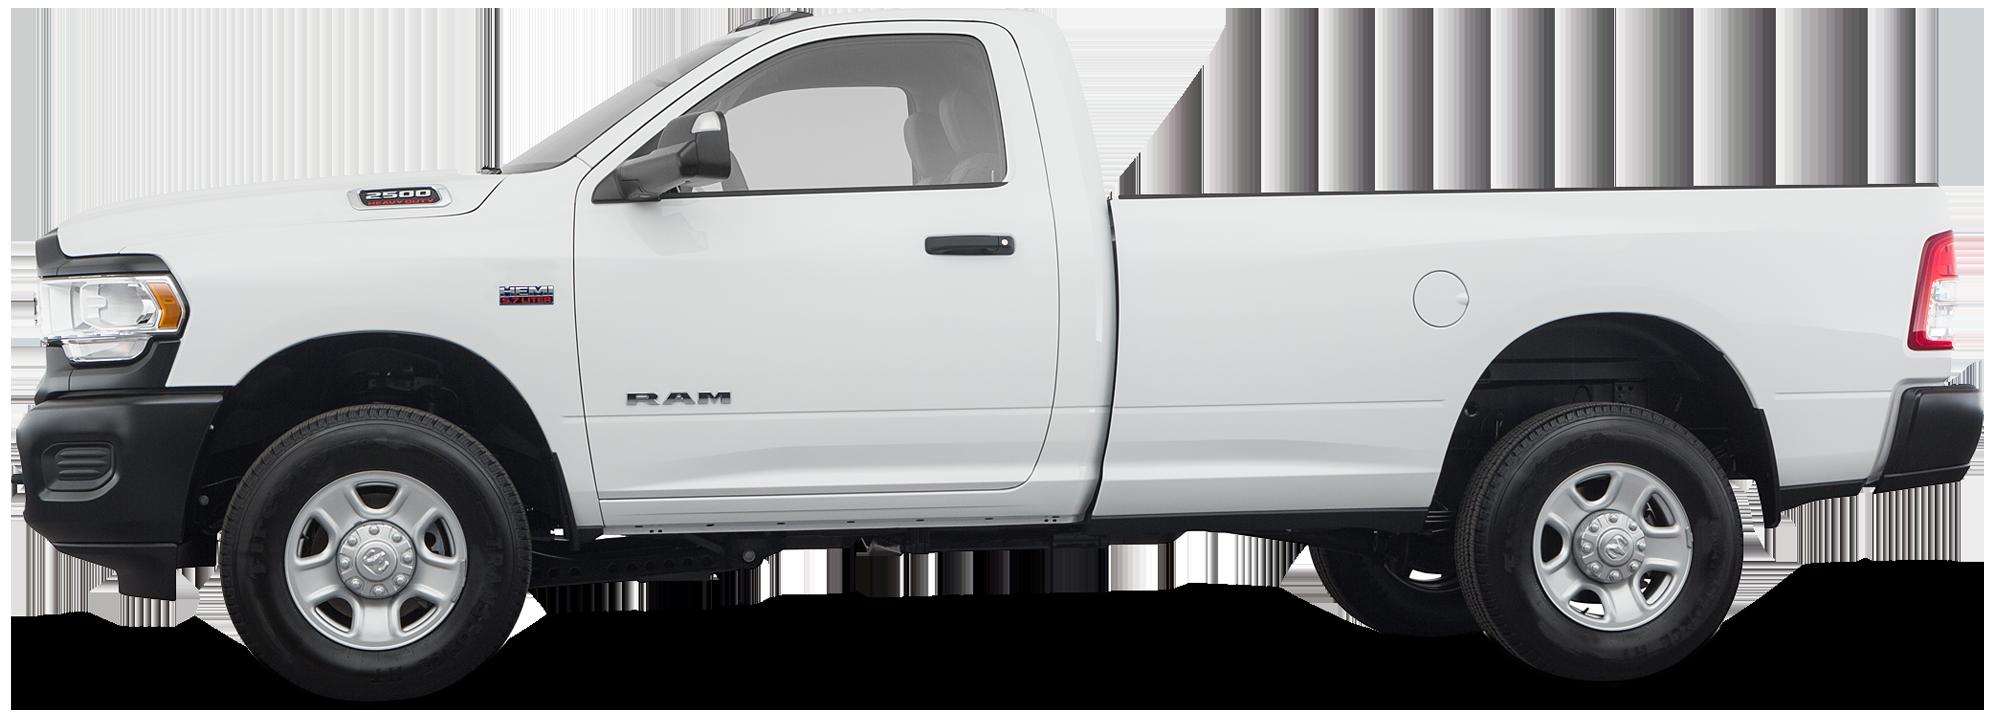 2019 Ram 2500 Camion Tradesman